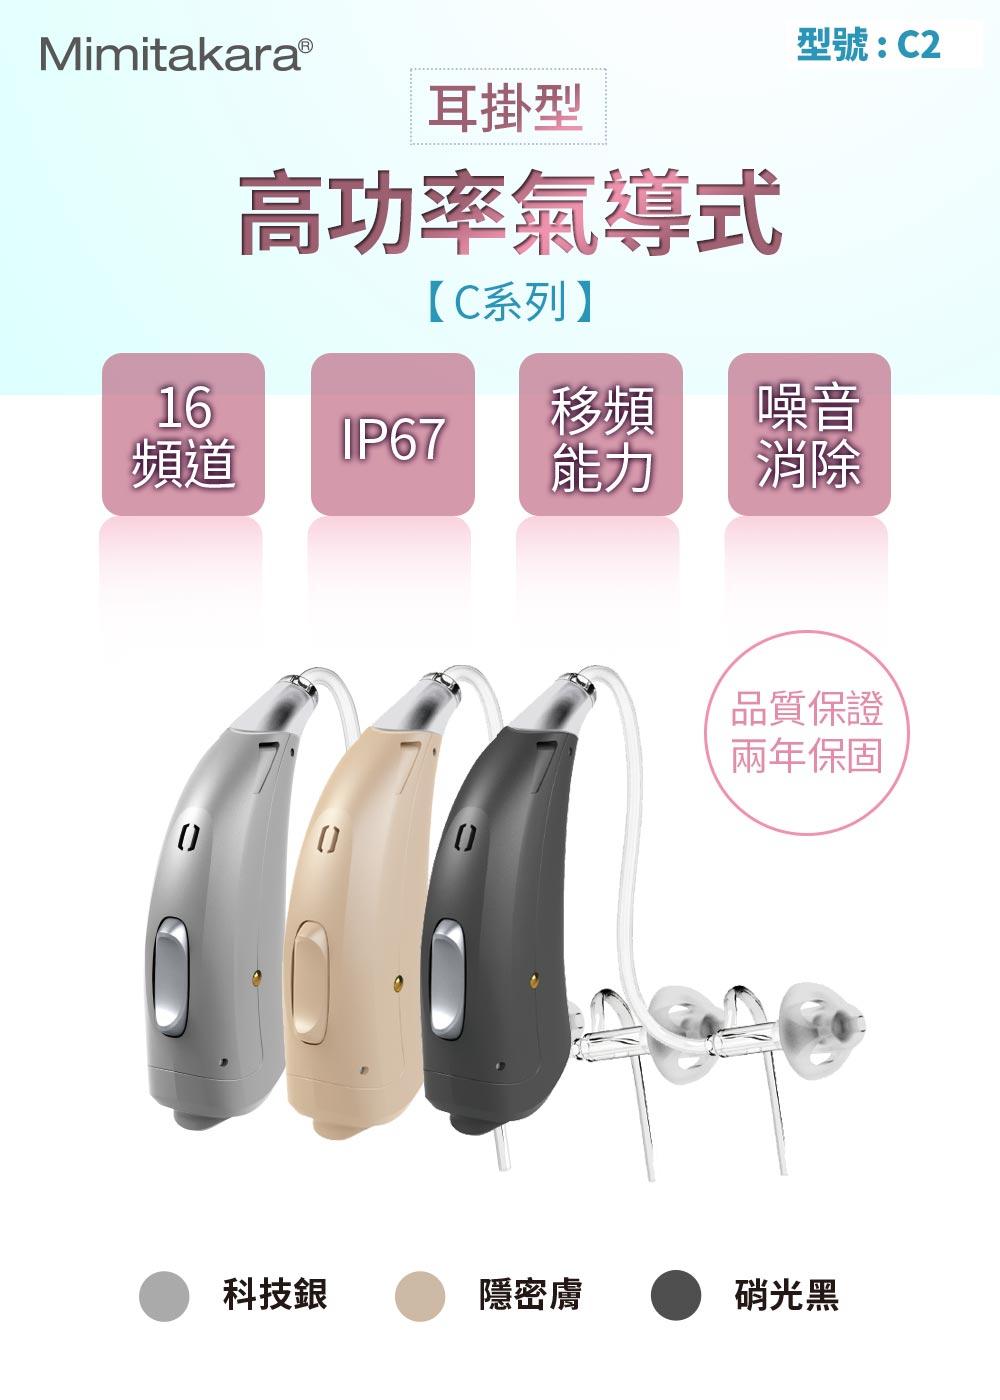 耳寶,C2,補助資訊,助聽器